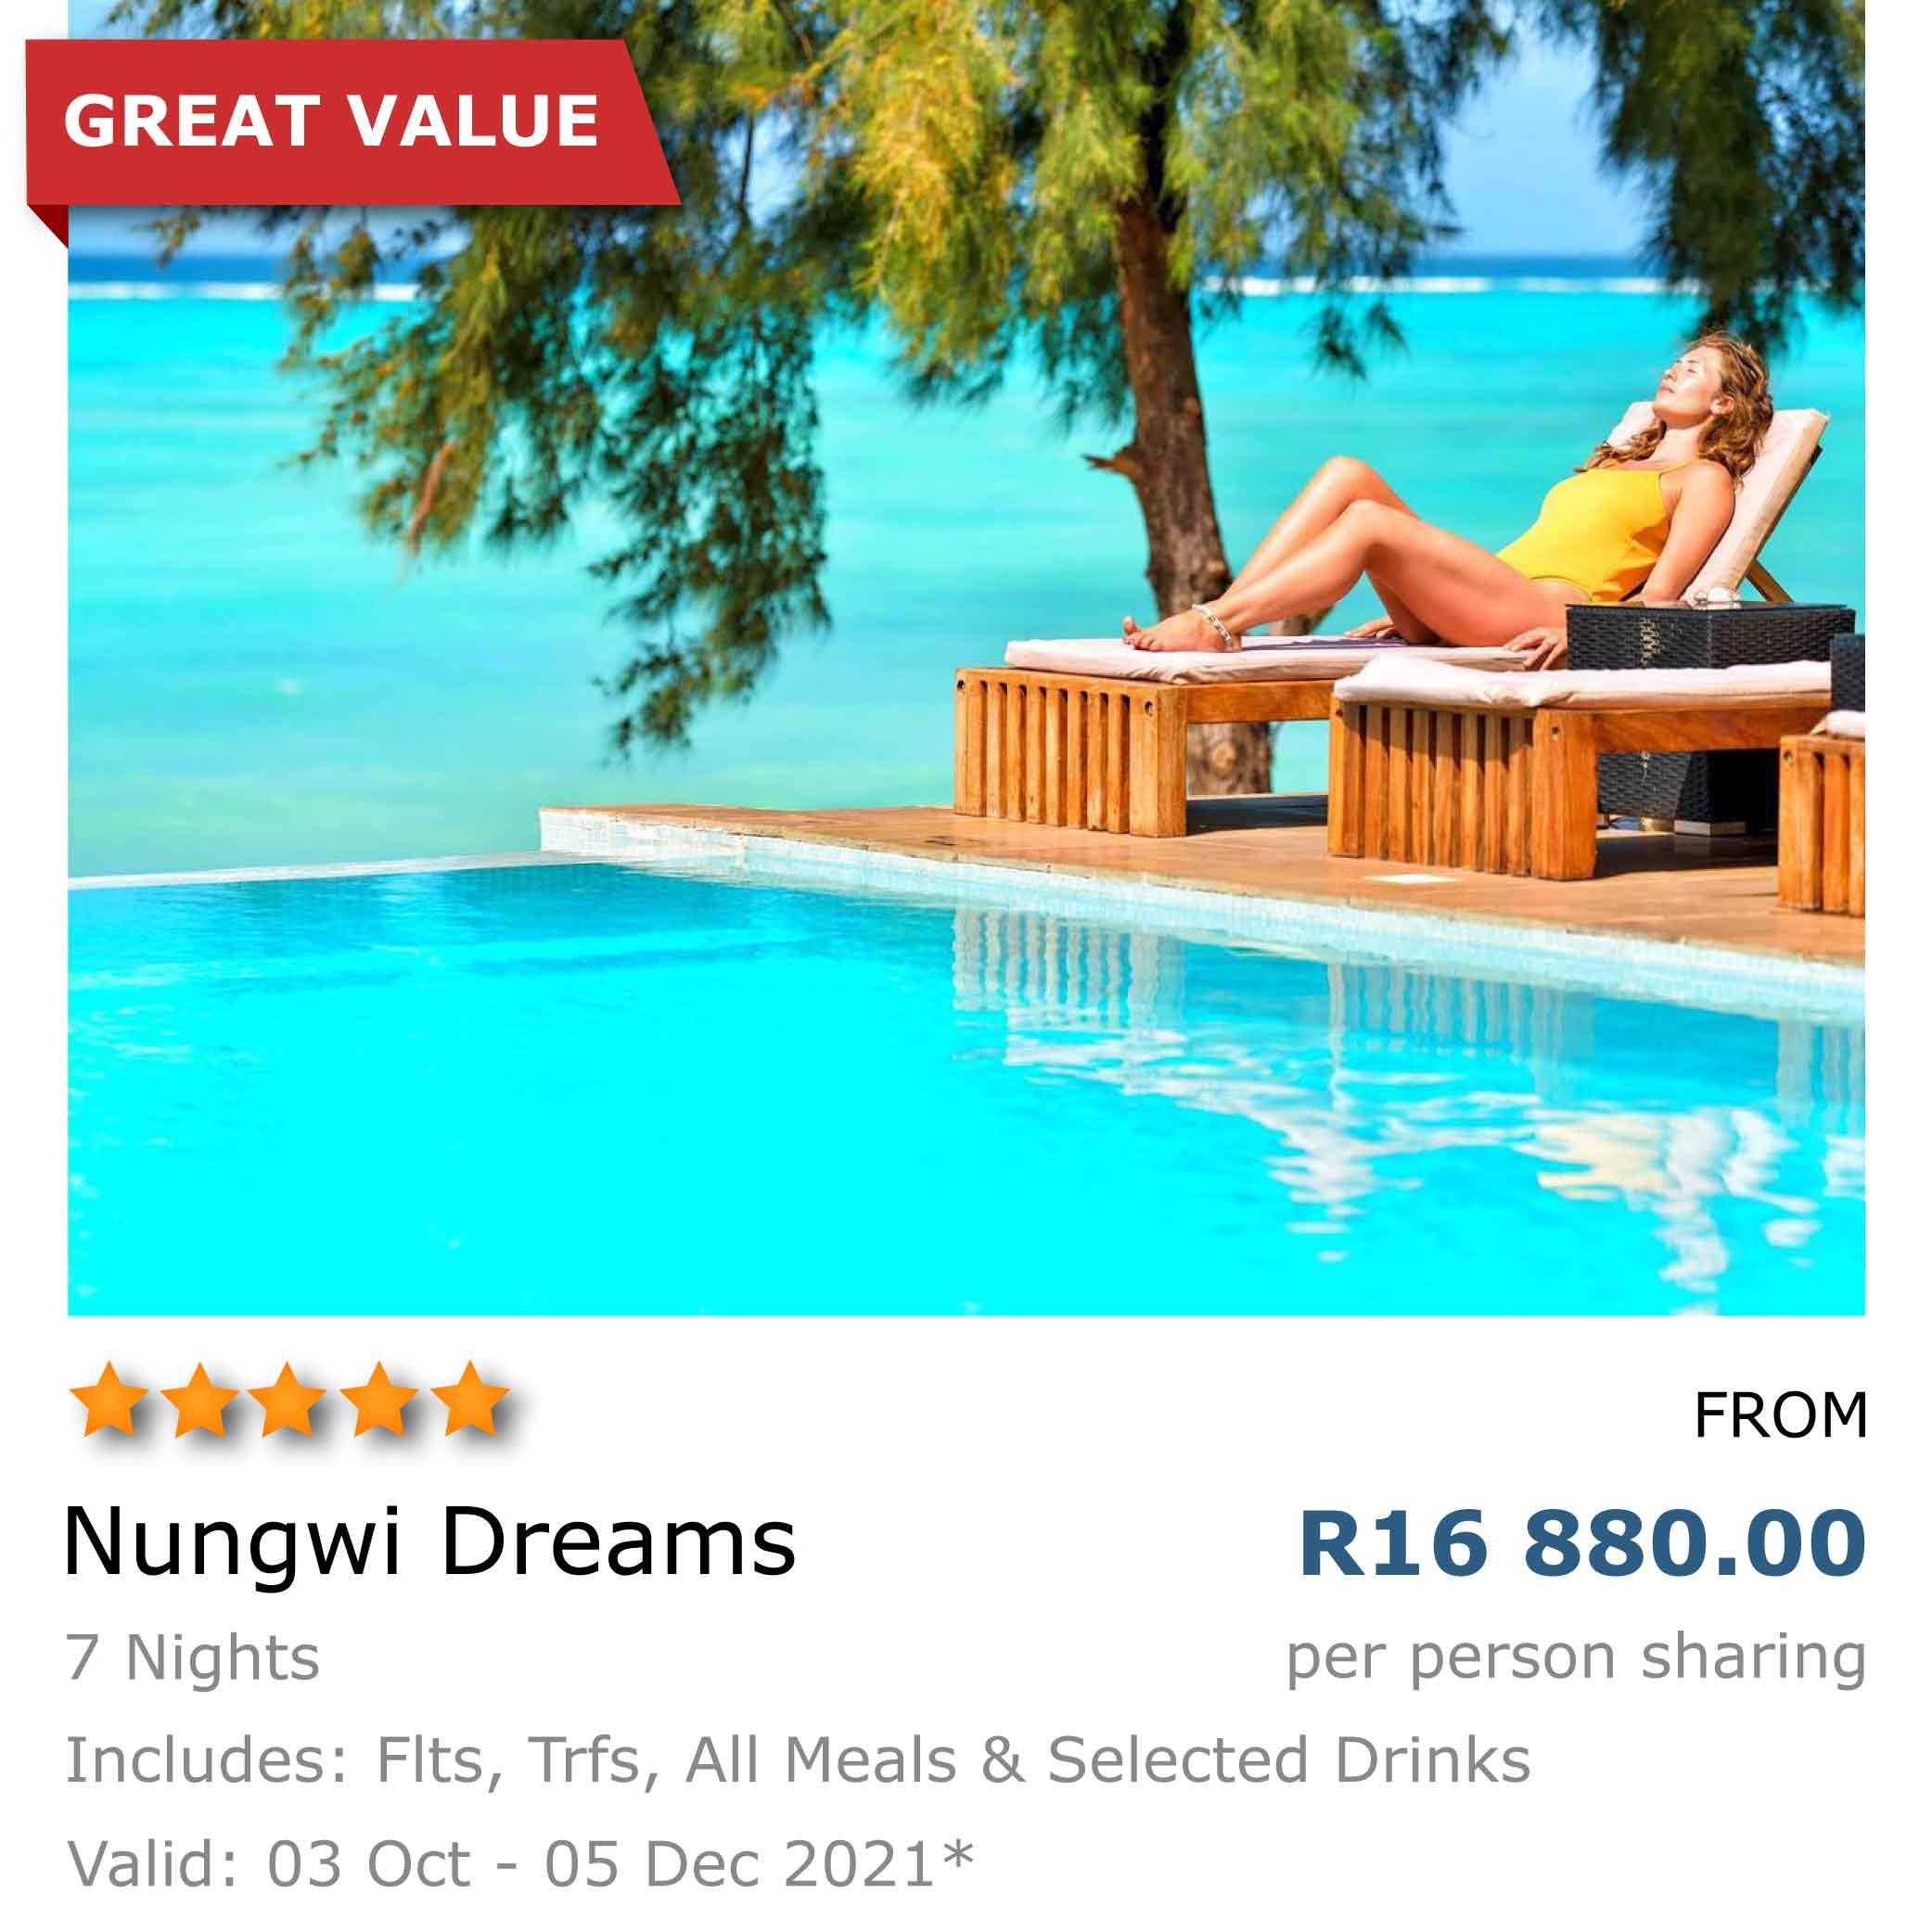 Nungwi Dreams